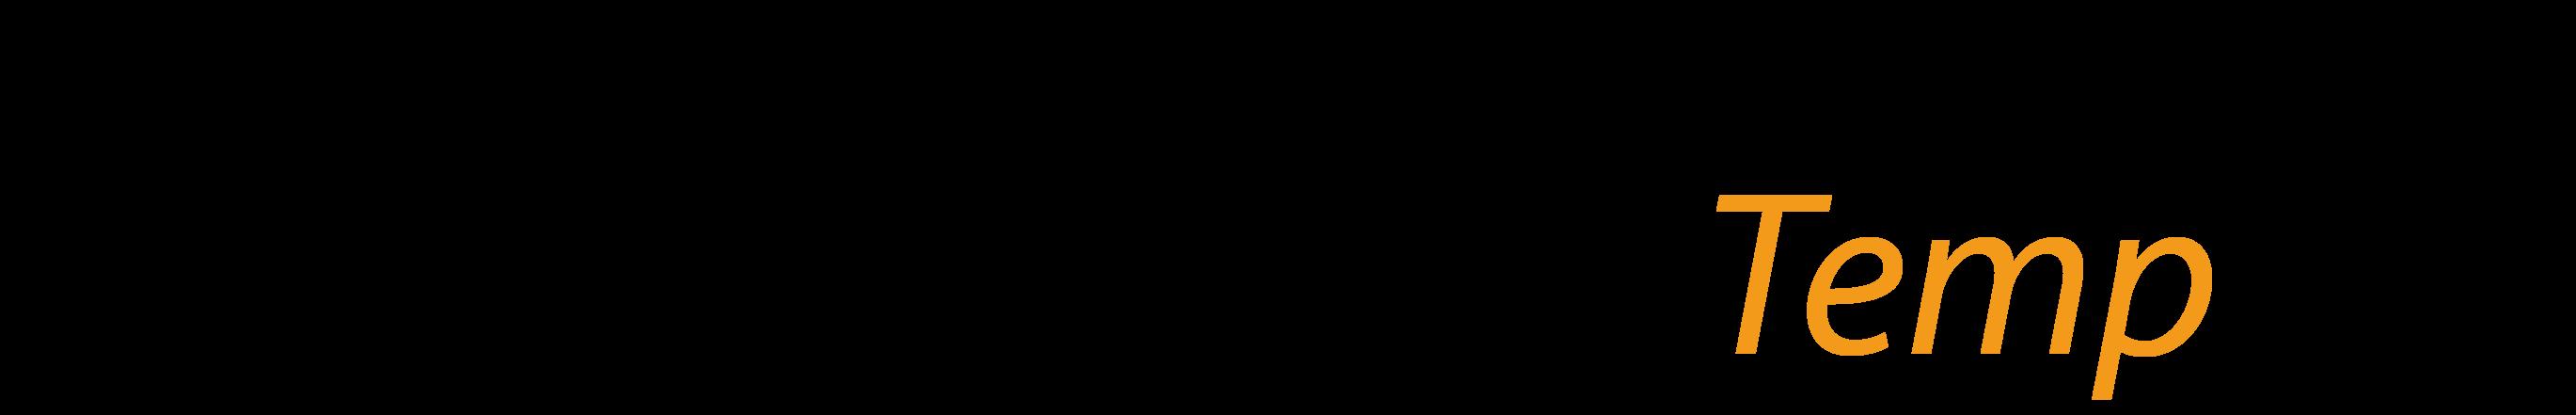 KRAIBON Temp orange